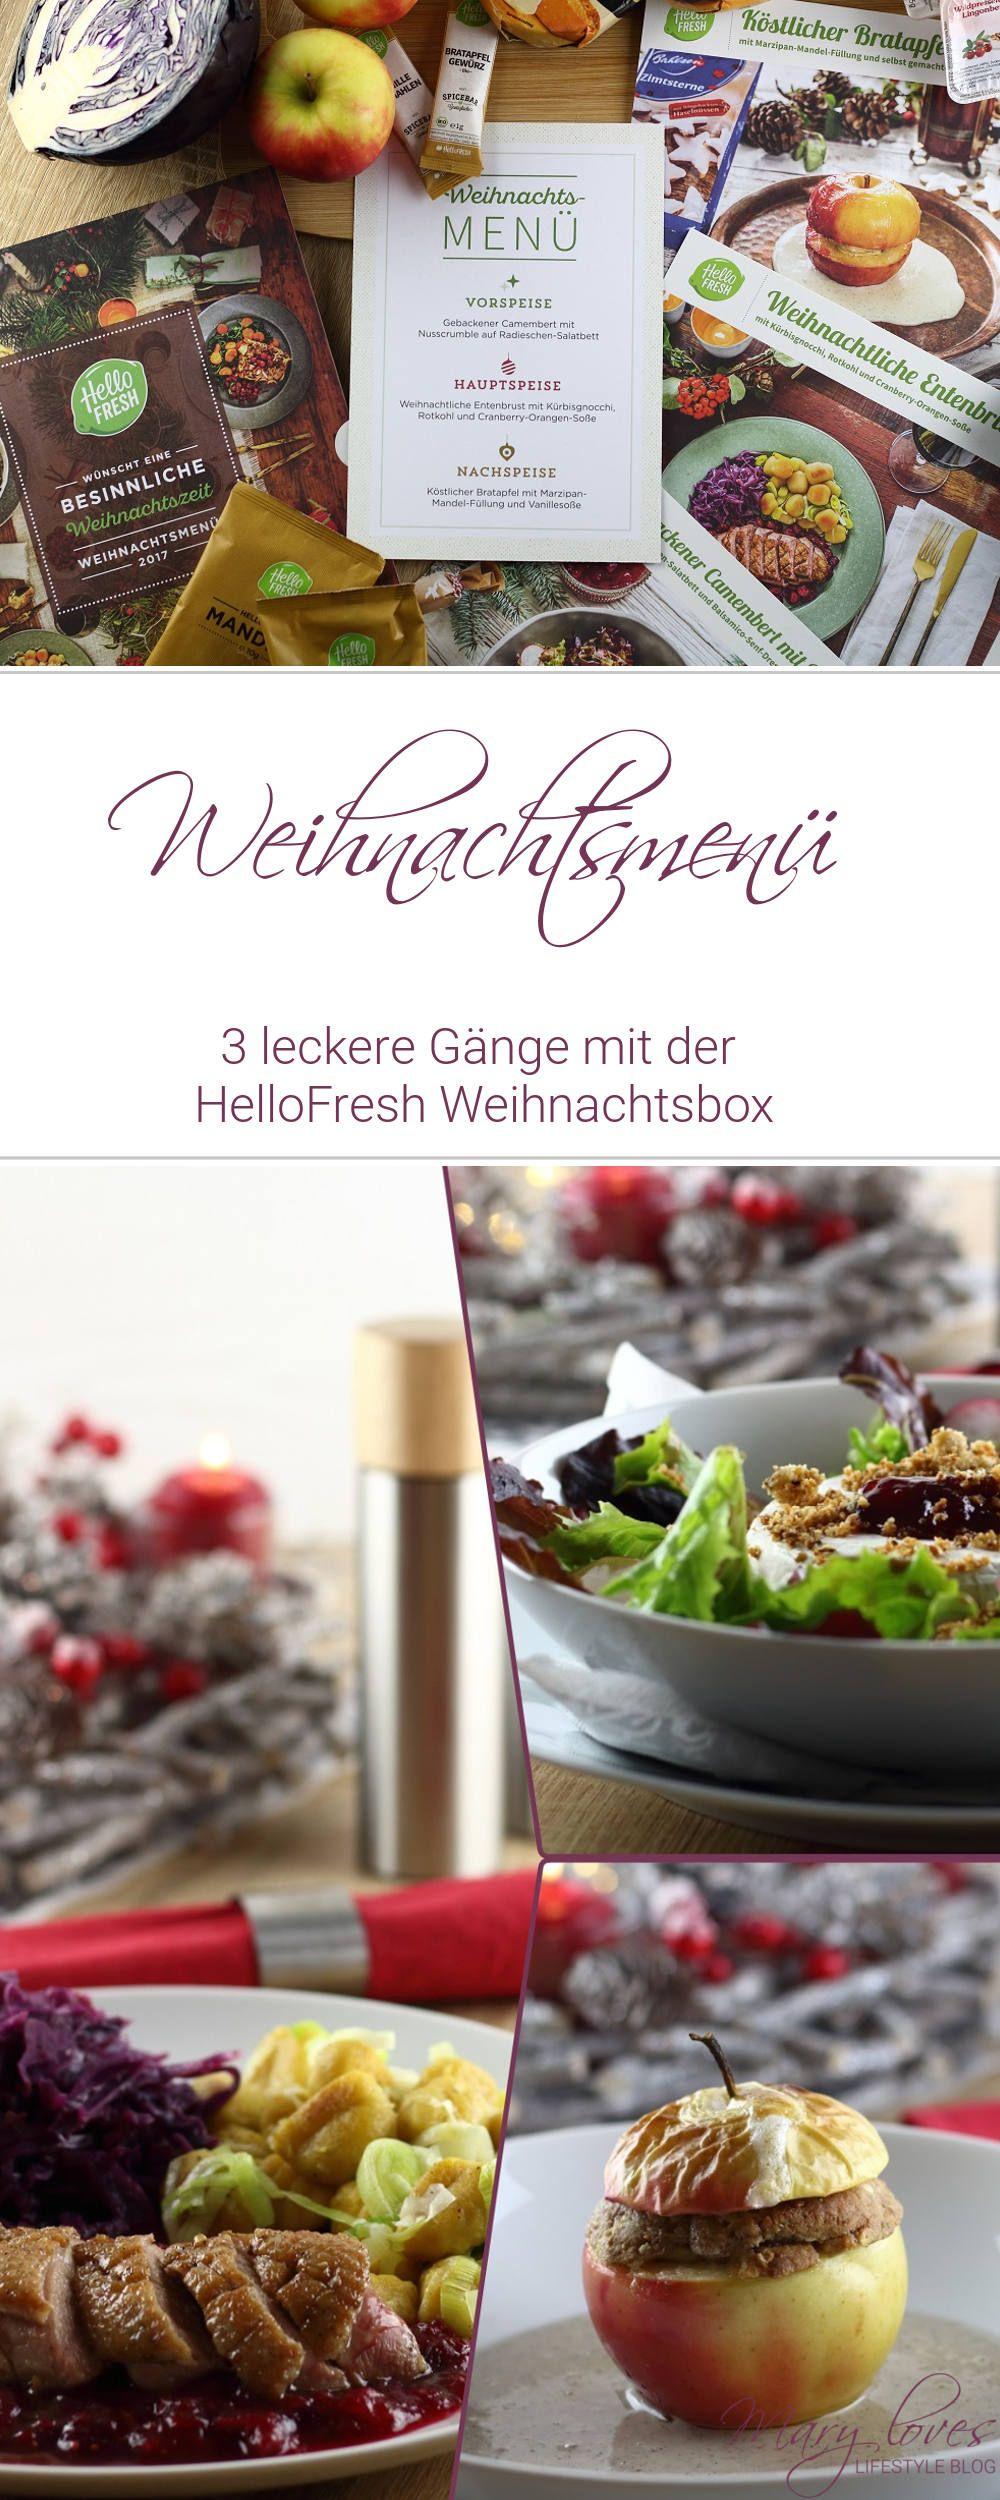 Raffiniertes Weihnachtsmenü.Ein Leckeres Weihnachtsmenü Mit Der Hellofresh Weihnachtsbox Mary